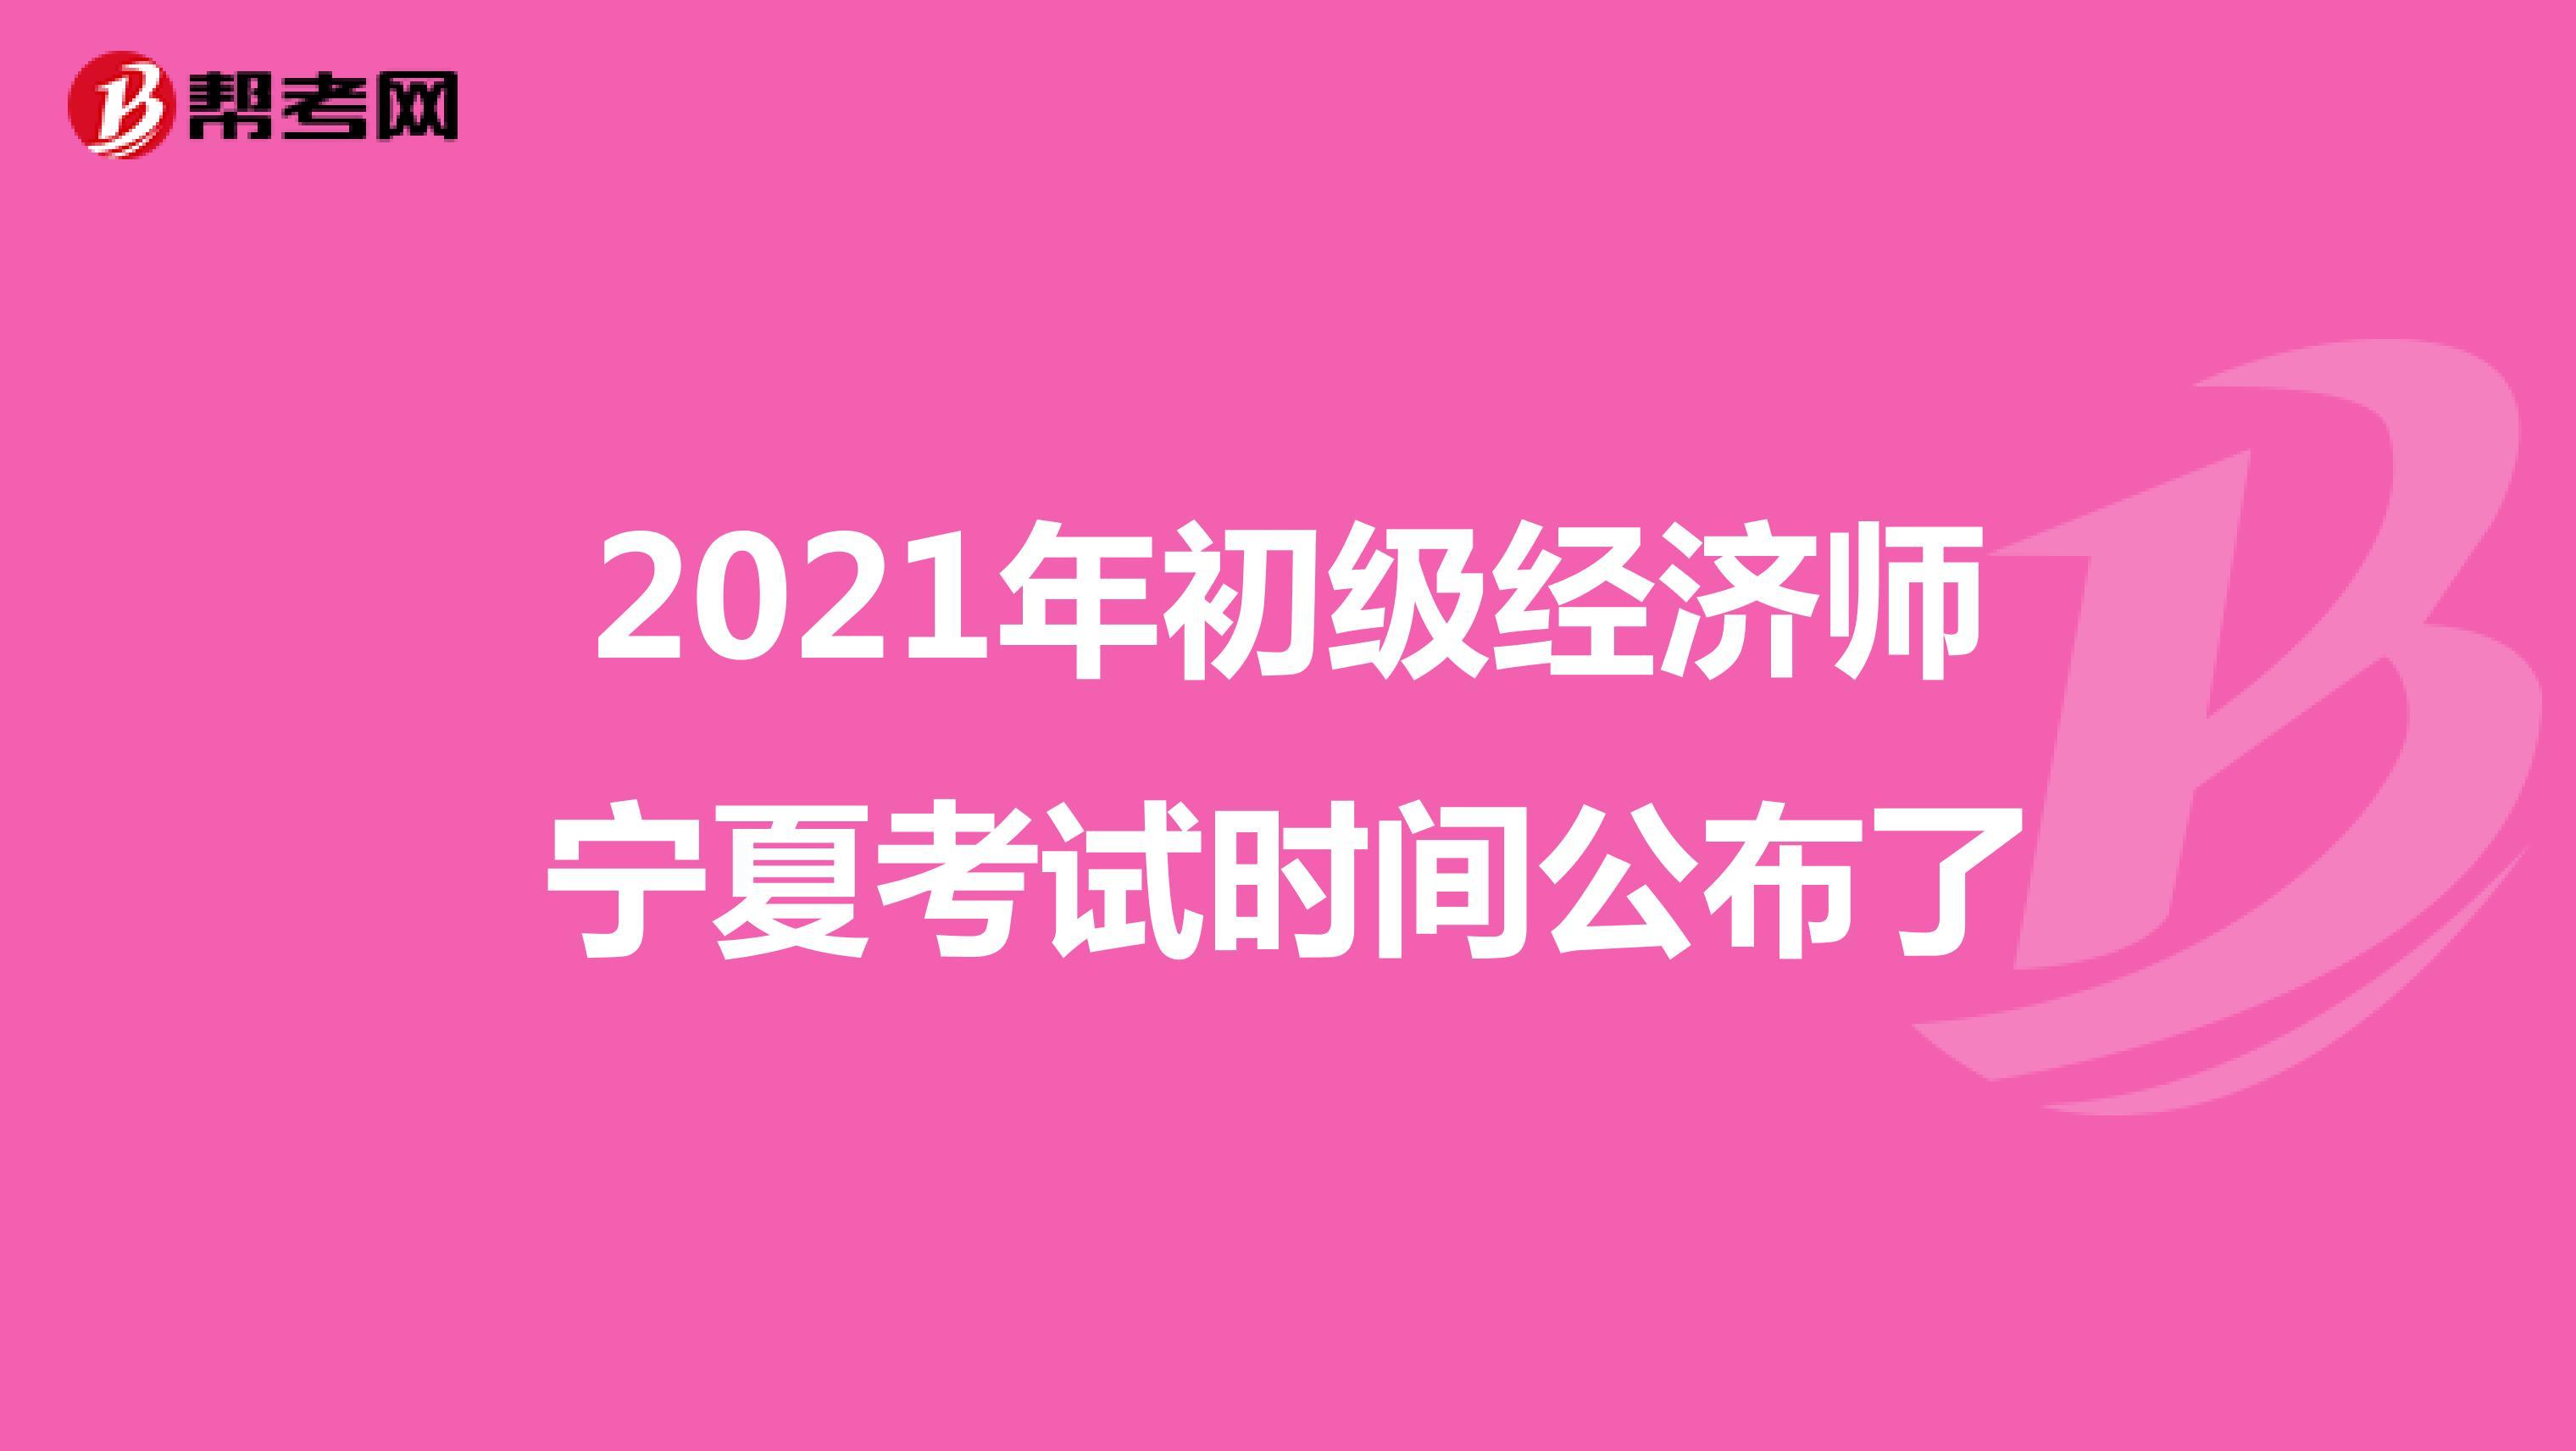 2021年初级经济师宁夏考试时间公布了